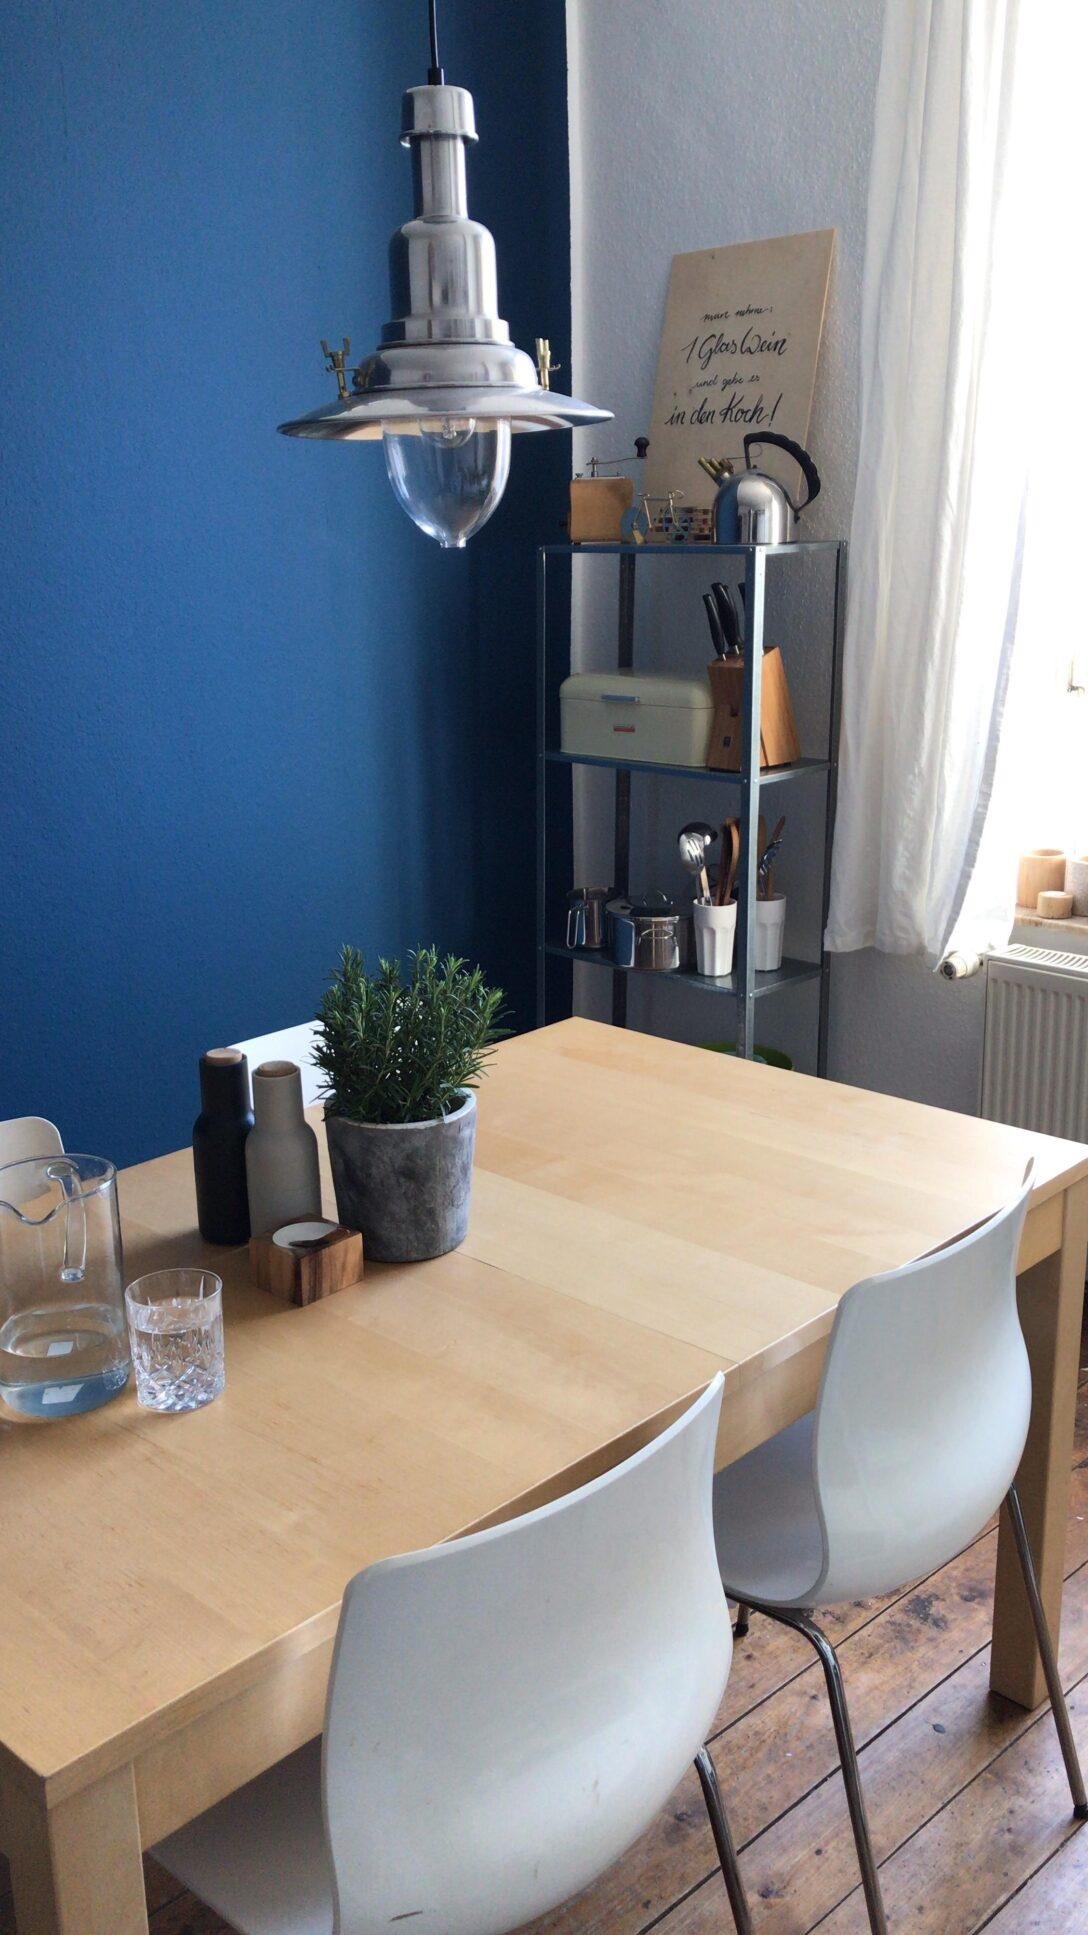 Large Size of Wandfarbe Küche Farbe In Der Kche So Wirds Wohnlich Einrichten Sitzbank Mit Lehne Modulare Gebrauchte Einbauküche Schneidemaschine Pendeltür Gardinen Wohnzimmer Wandfarbe Küche